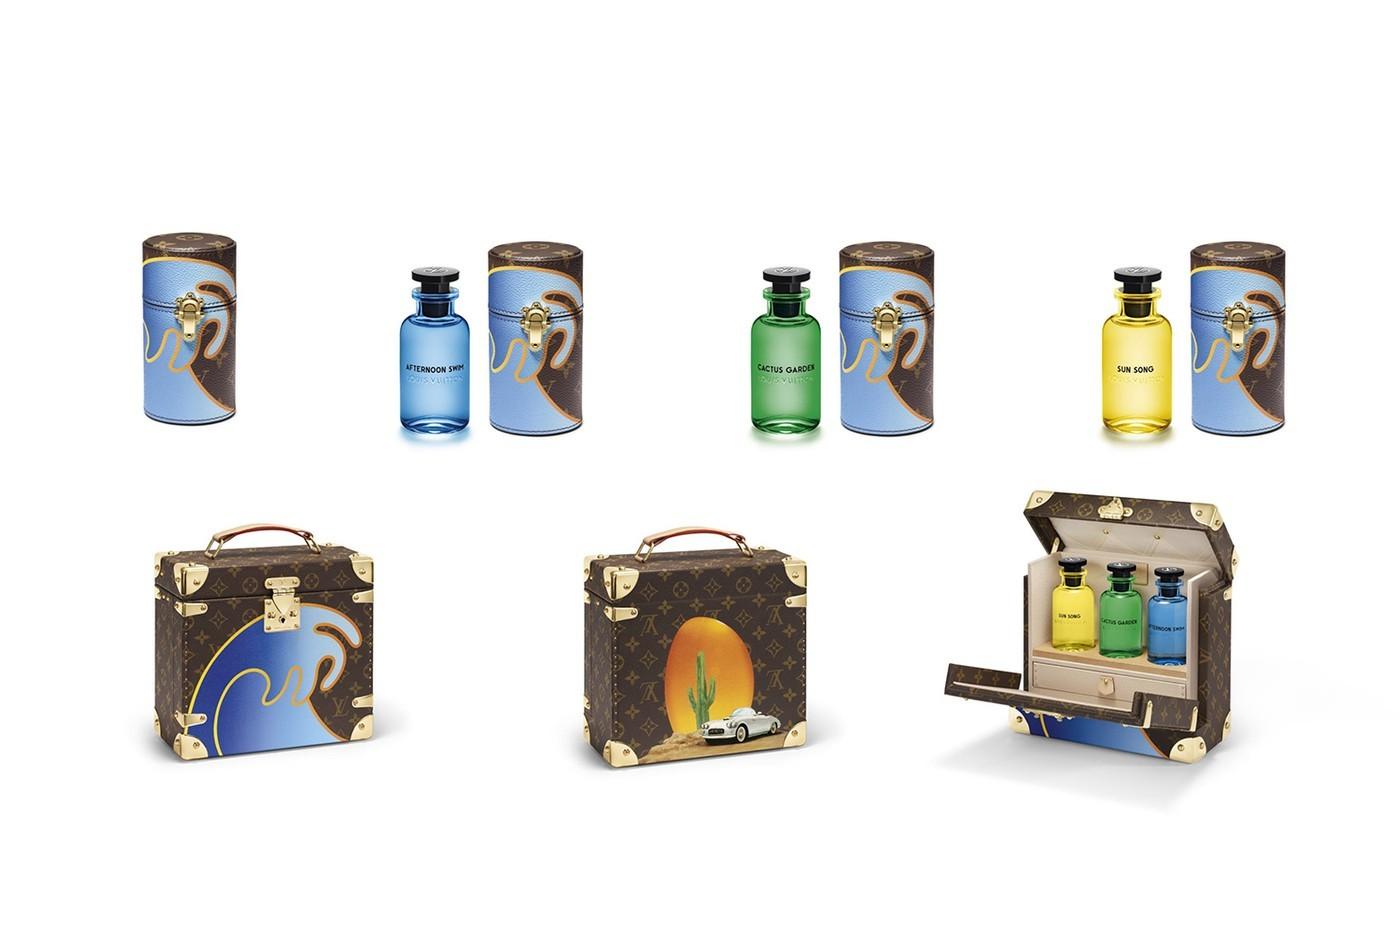 Os cases especiais feitos pelo artista Alex Israel para a Louis Vuitton (Foto: Divulgação)